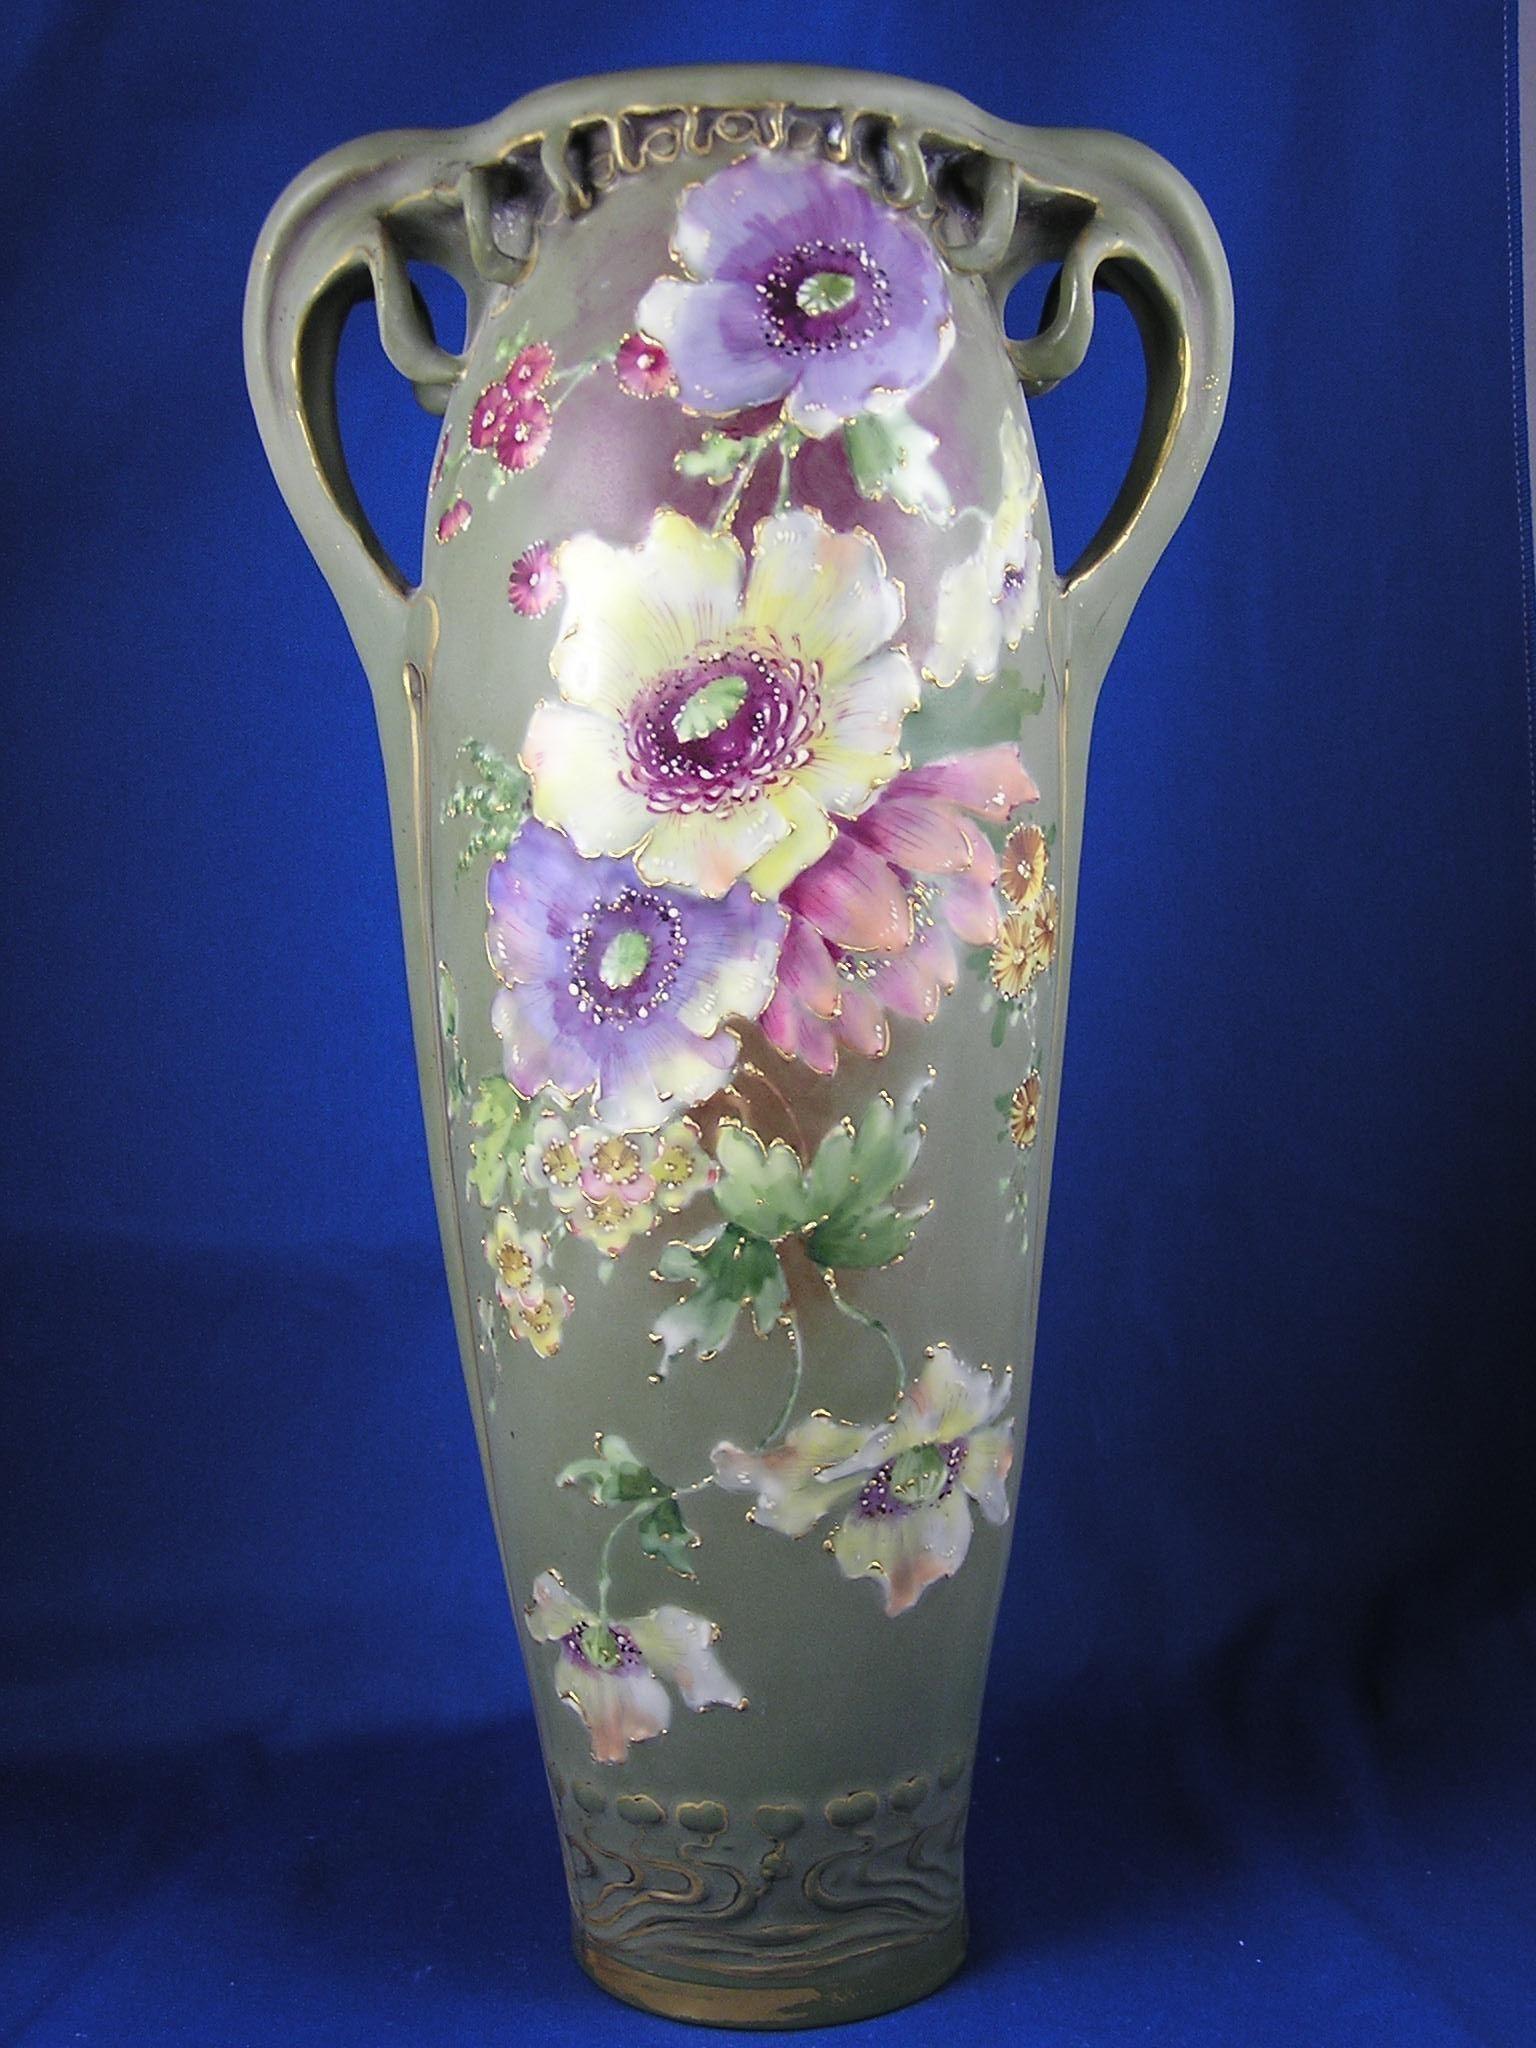 roseville blue vase of clay vase designs image rstk amphora austria art nouveau enameled in clay vase designs image rstk amphora austria art nouveau enameled floral design vase c 1899